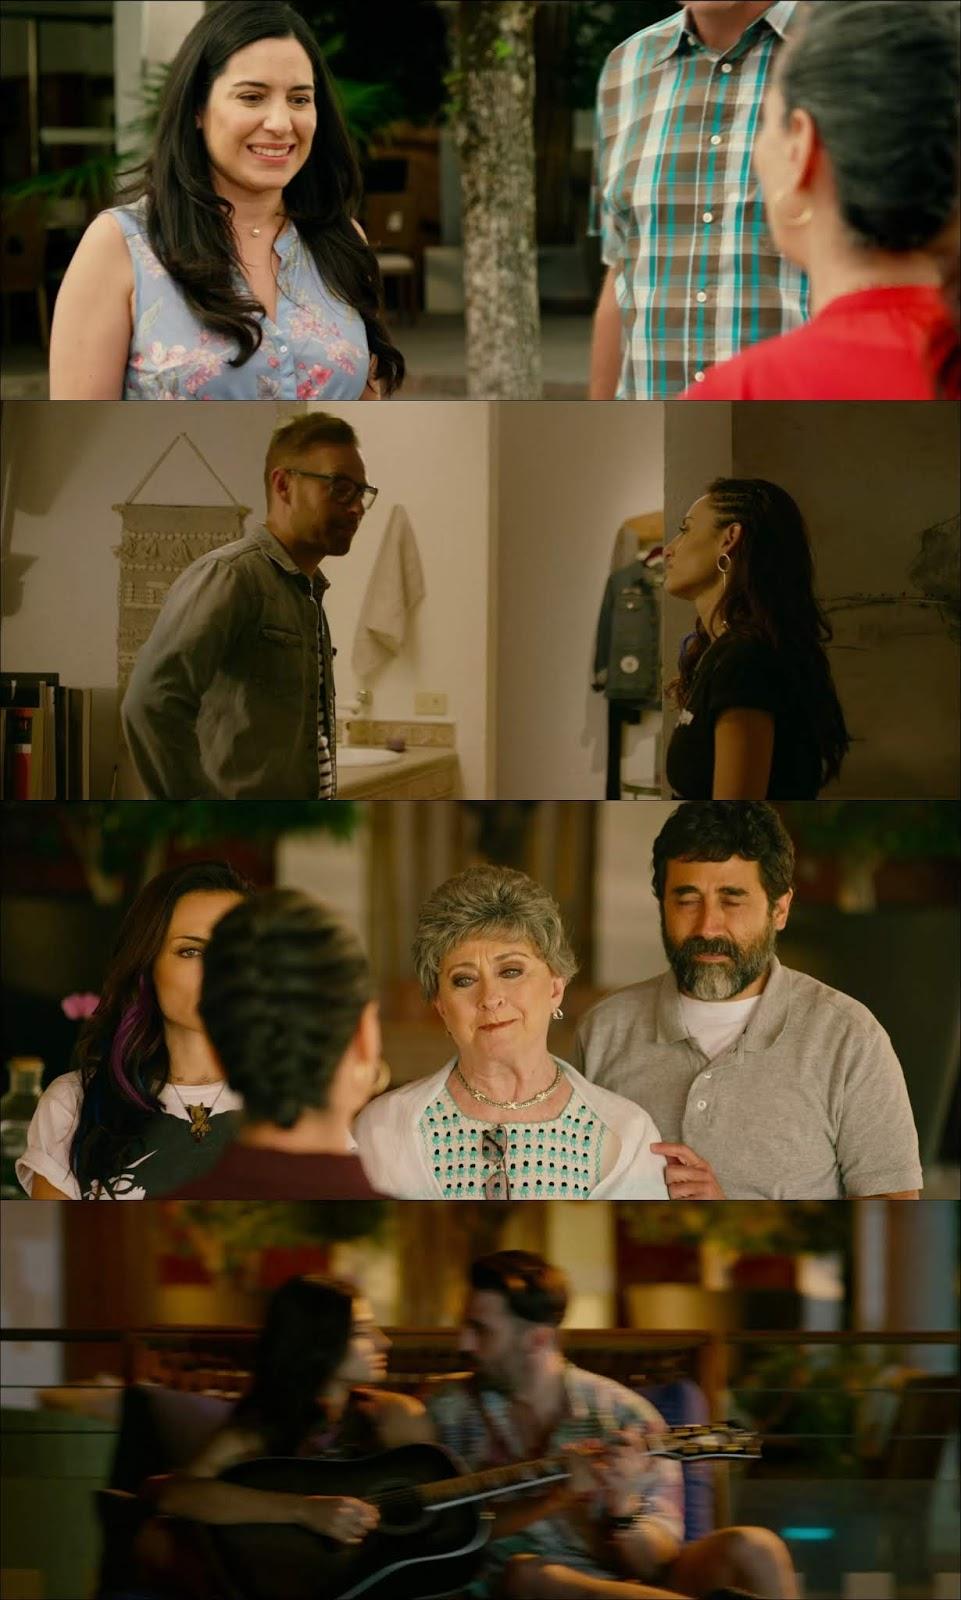 La Boda de la Abuela (2019) HD 720p Latino